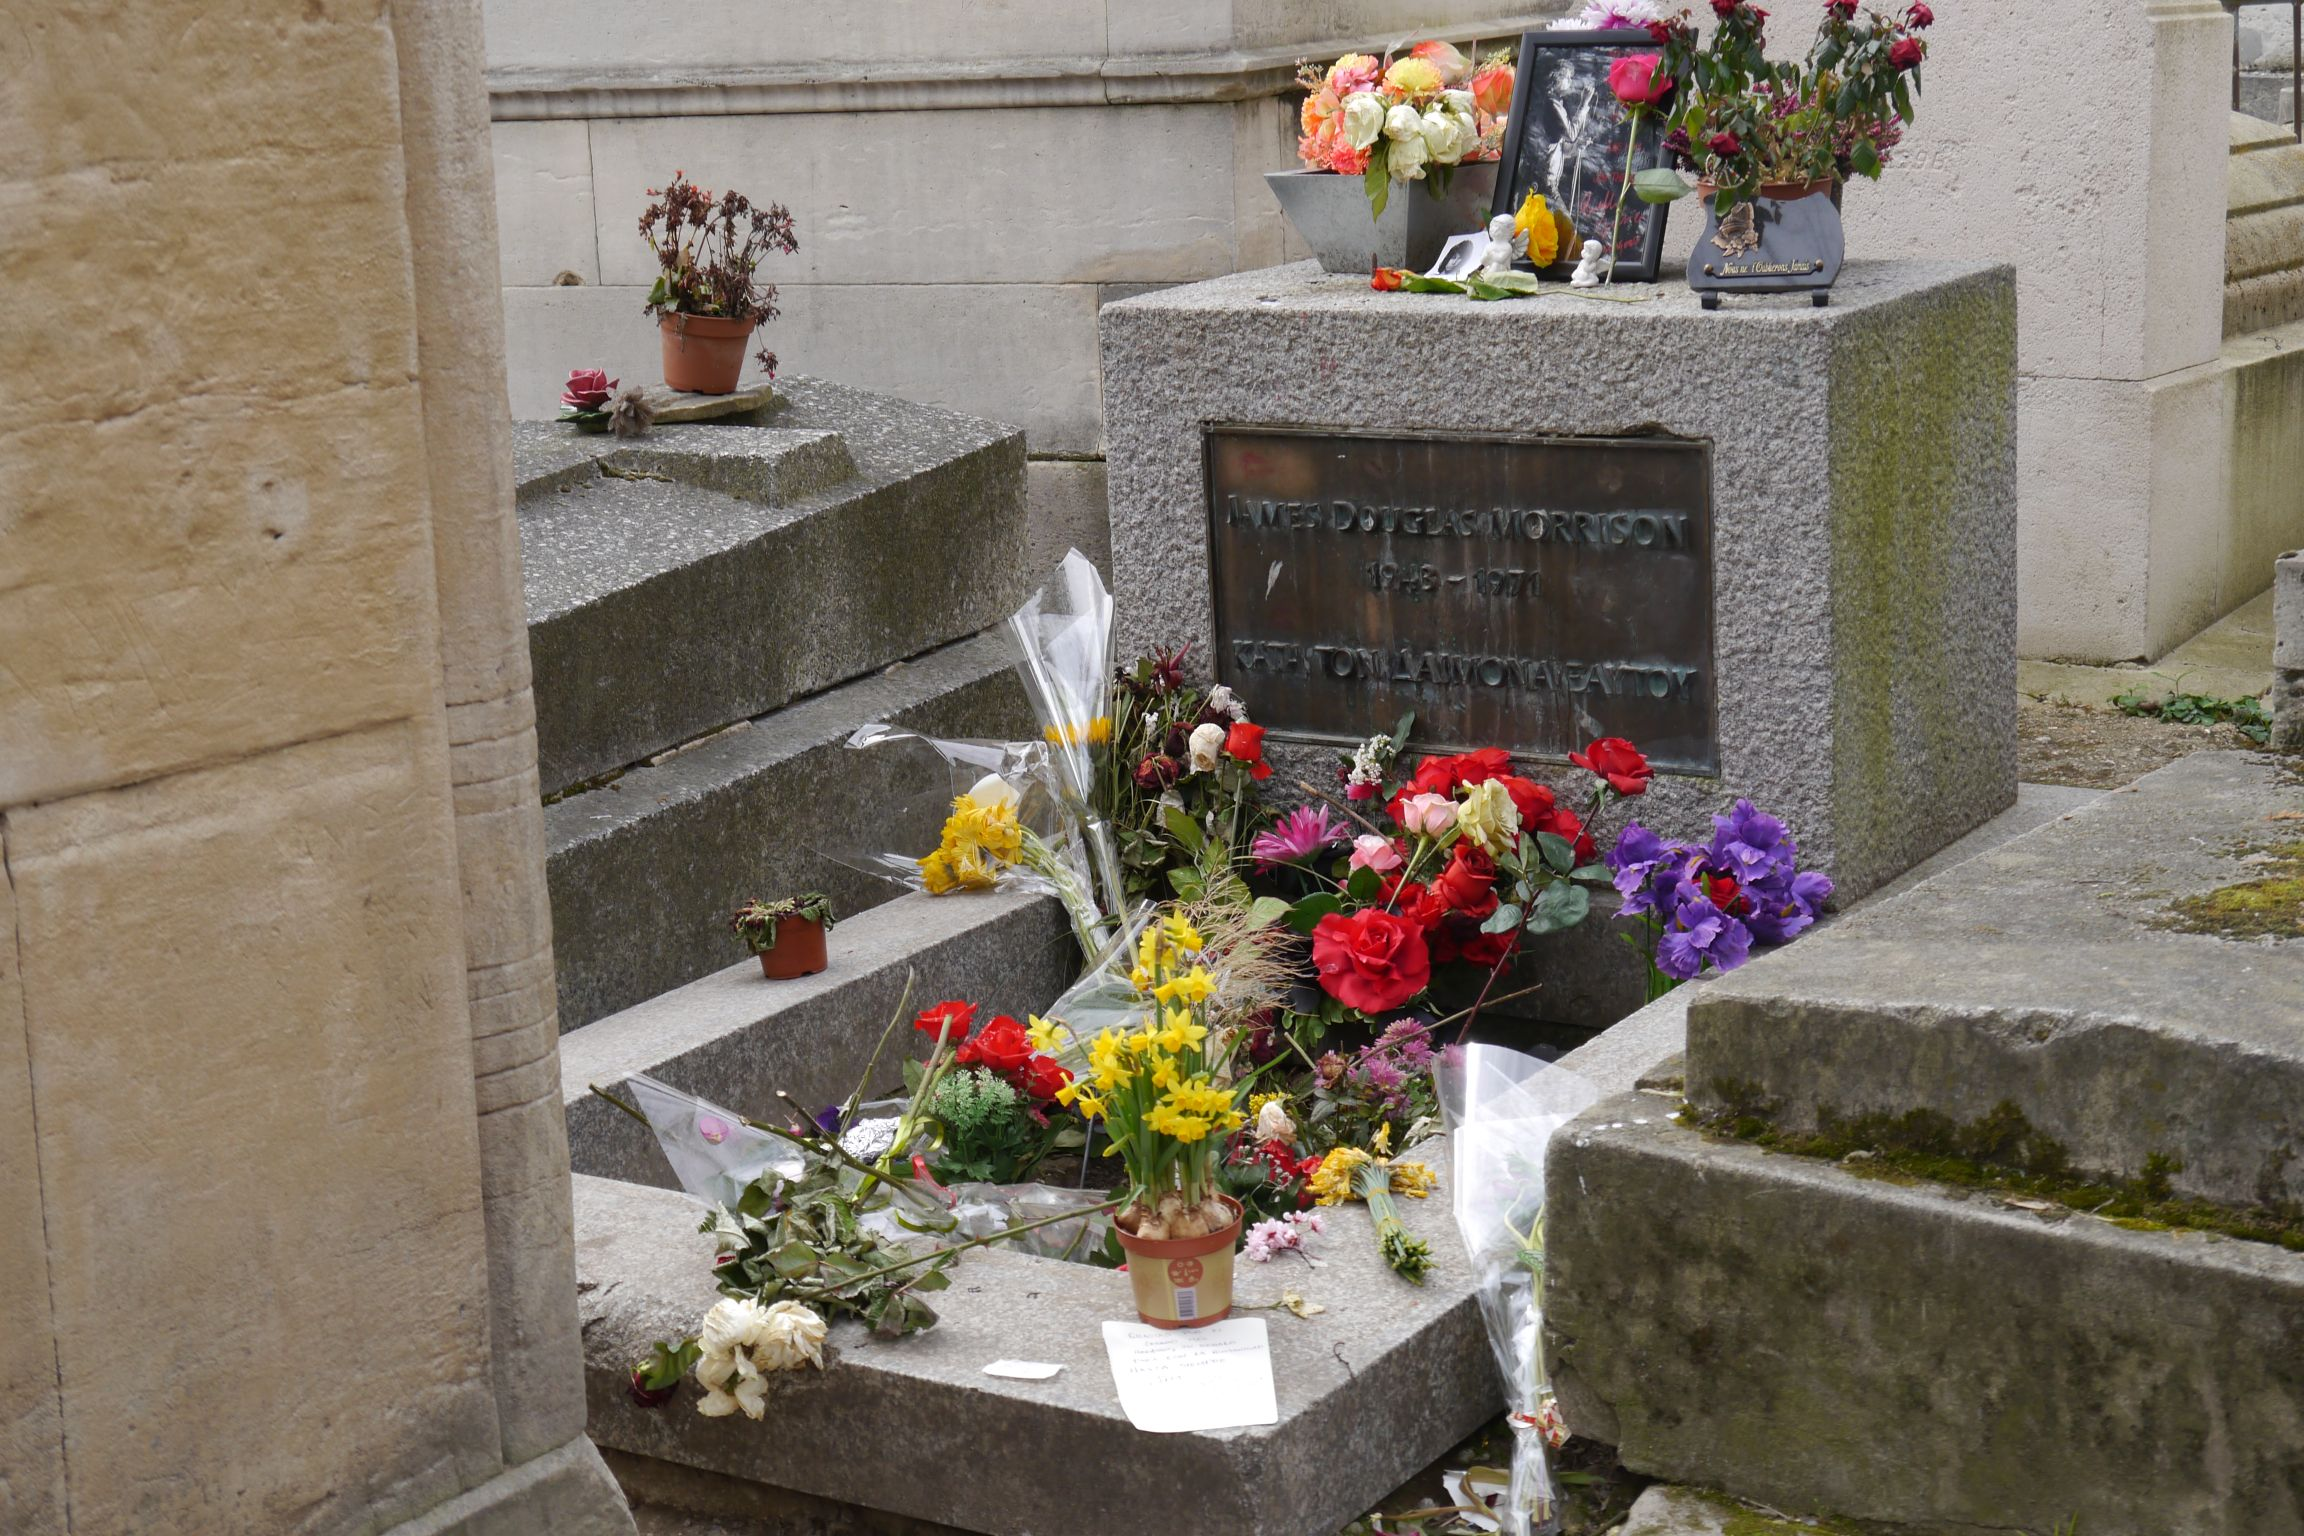 Jim Morisson Tomb